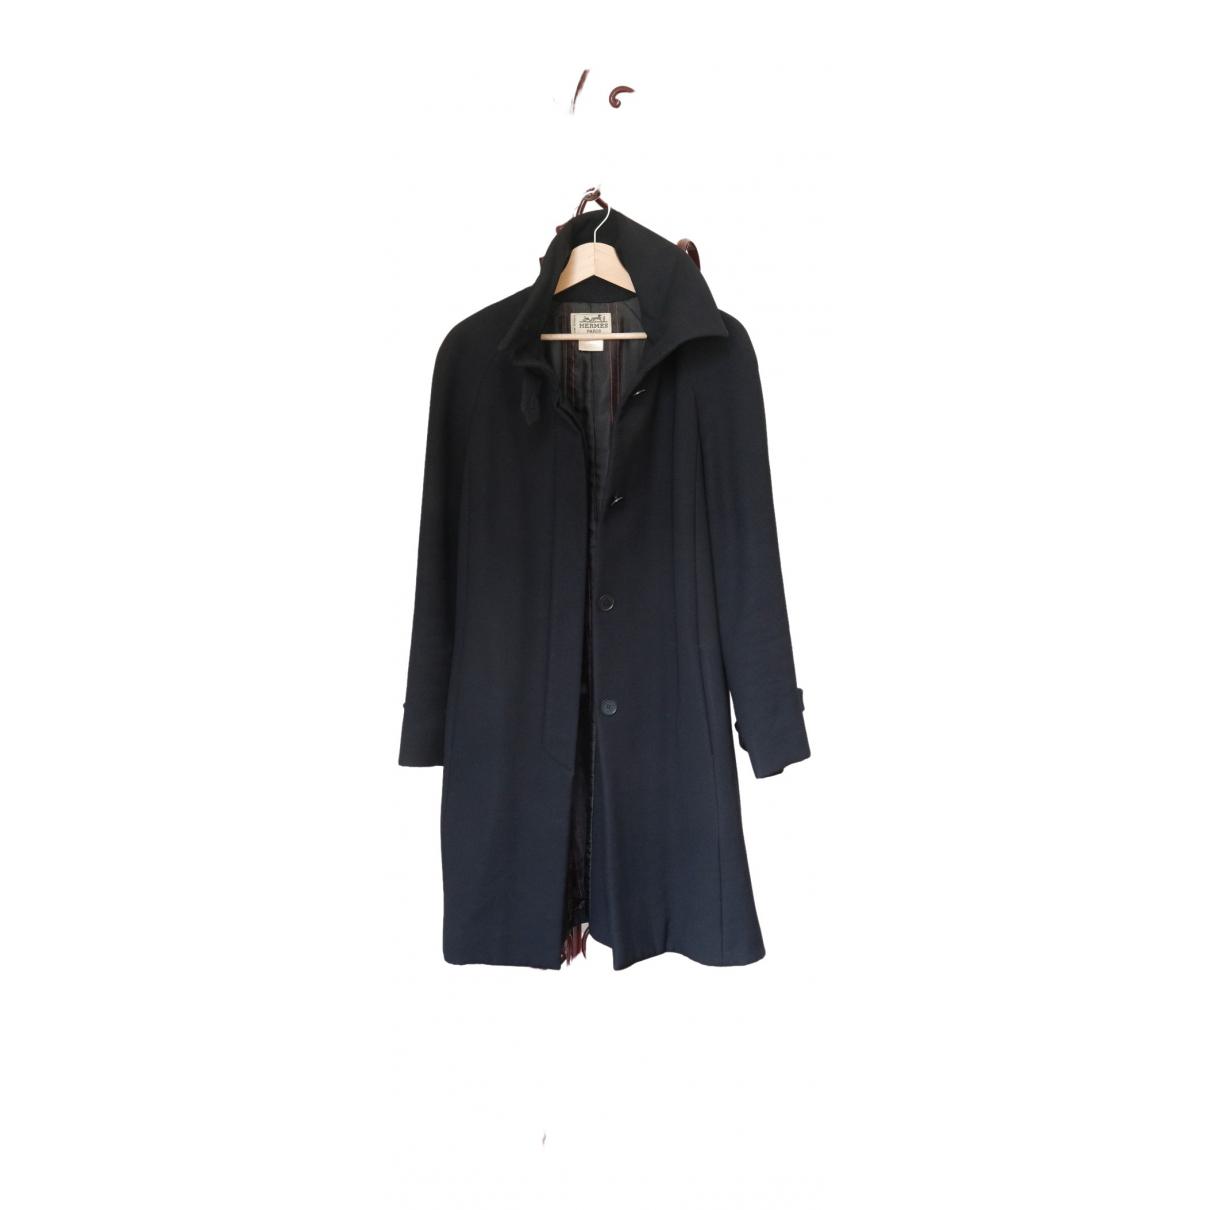 Hermes - Manteau   pour femme en laine - noir